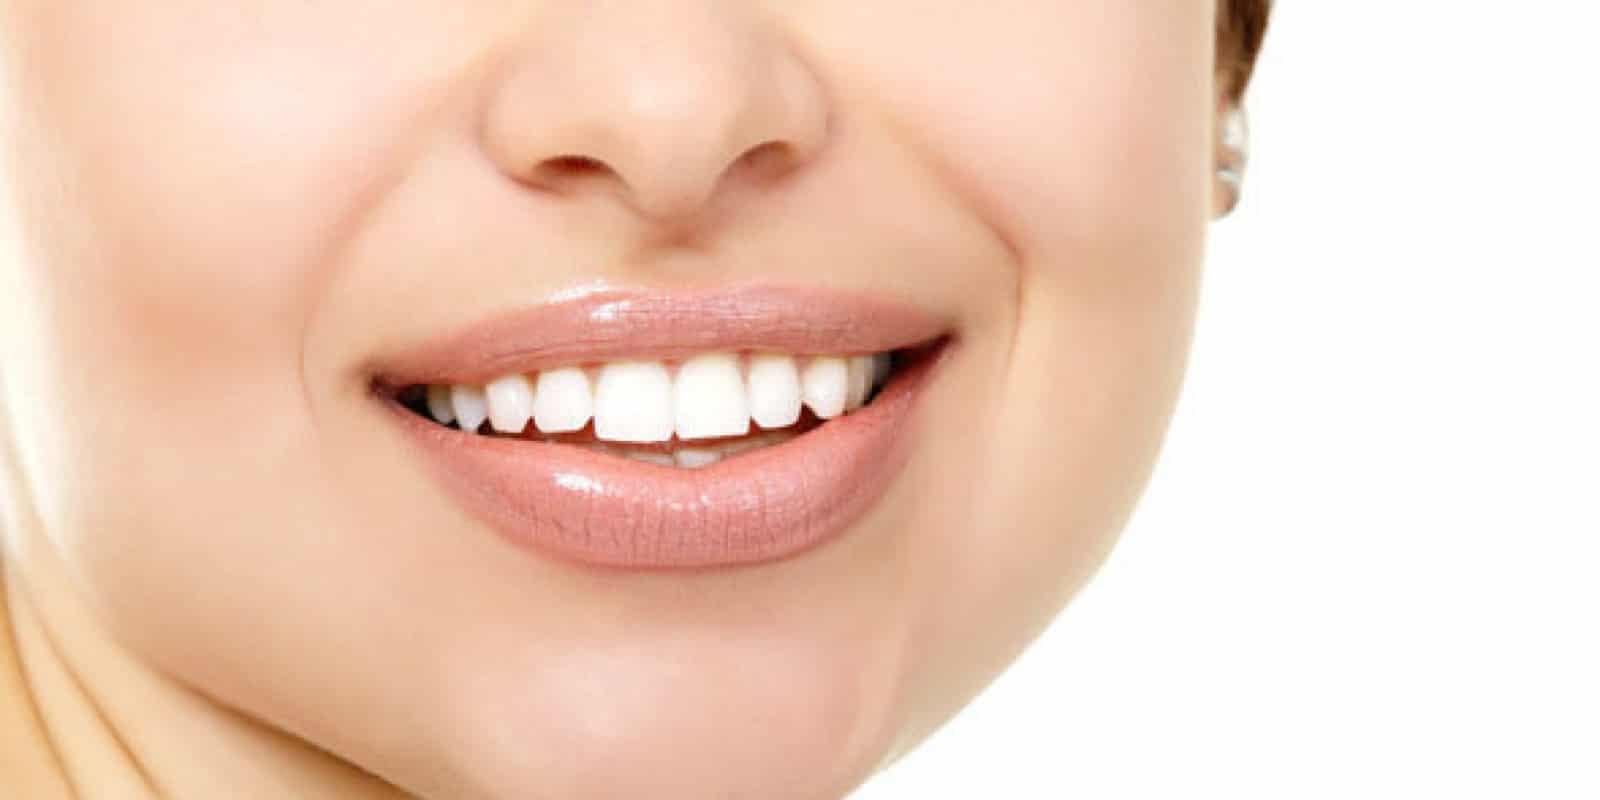 Come sbiancare i denti con olio di cocco e curcuma - Vivo